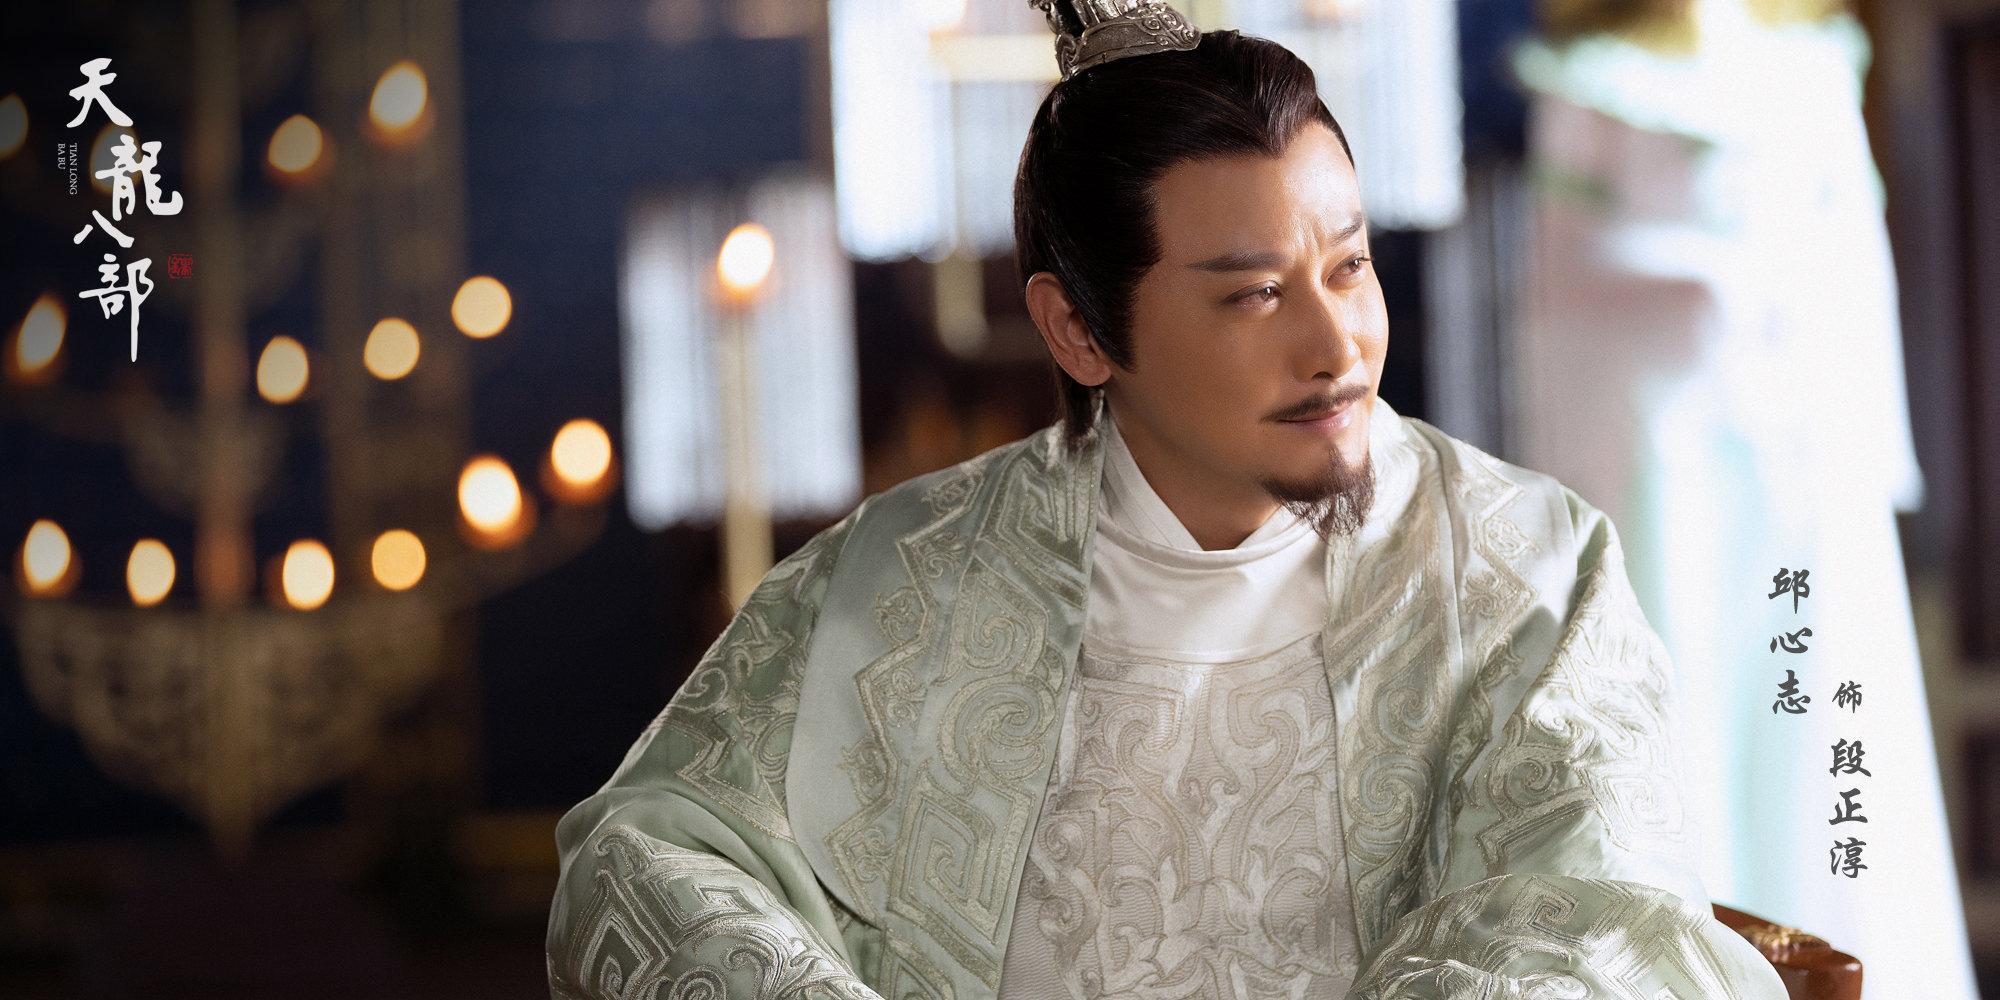 Hé lộ hình ảnh đẹp như mơ của Thiên Long Bát Bộ 2019-11